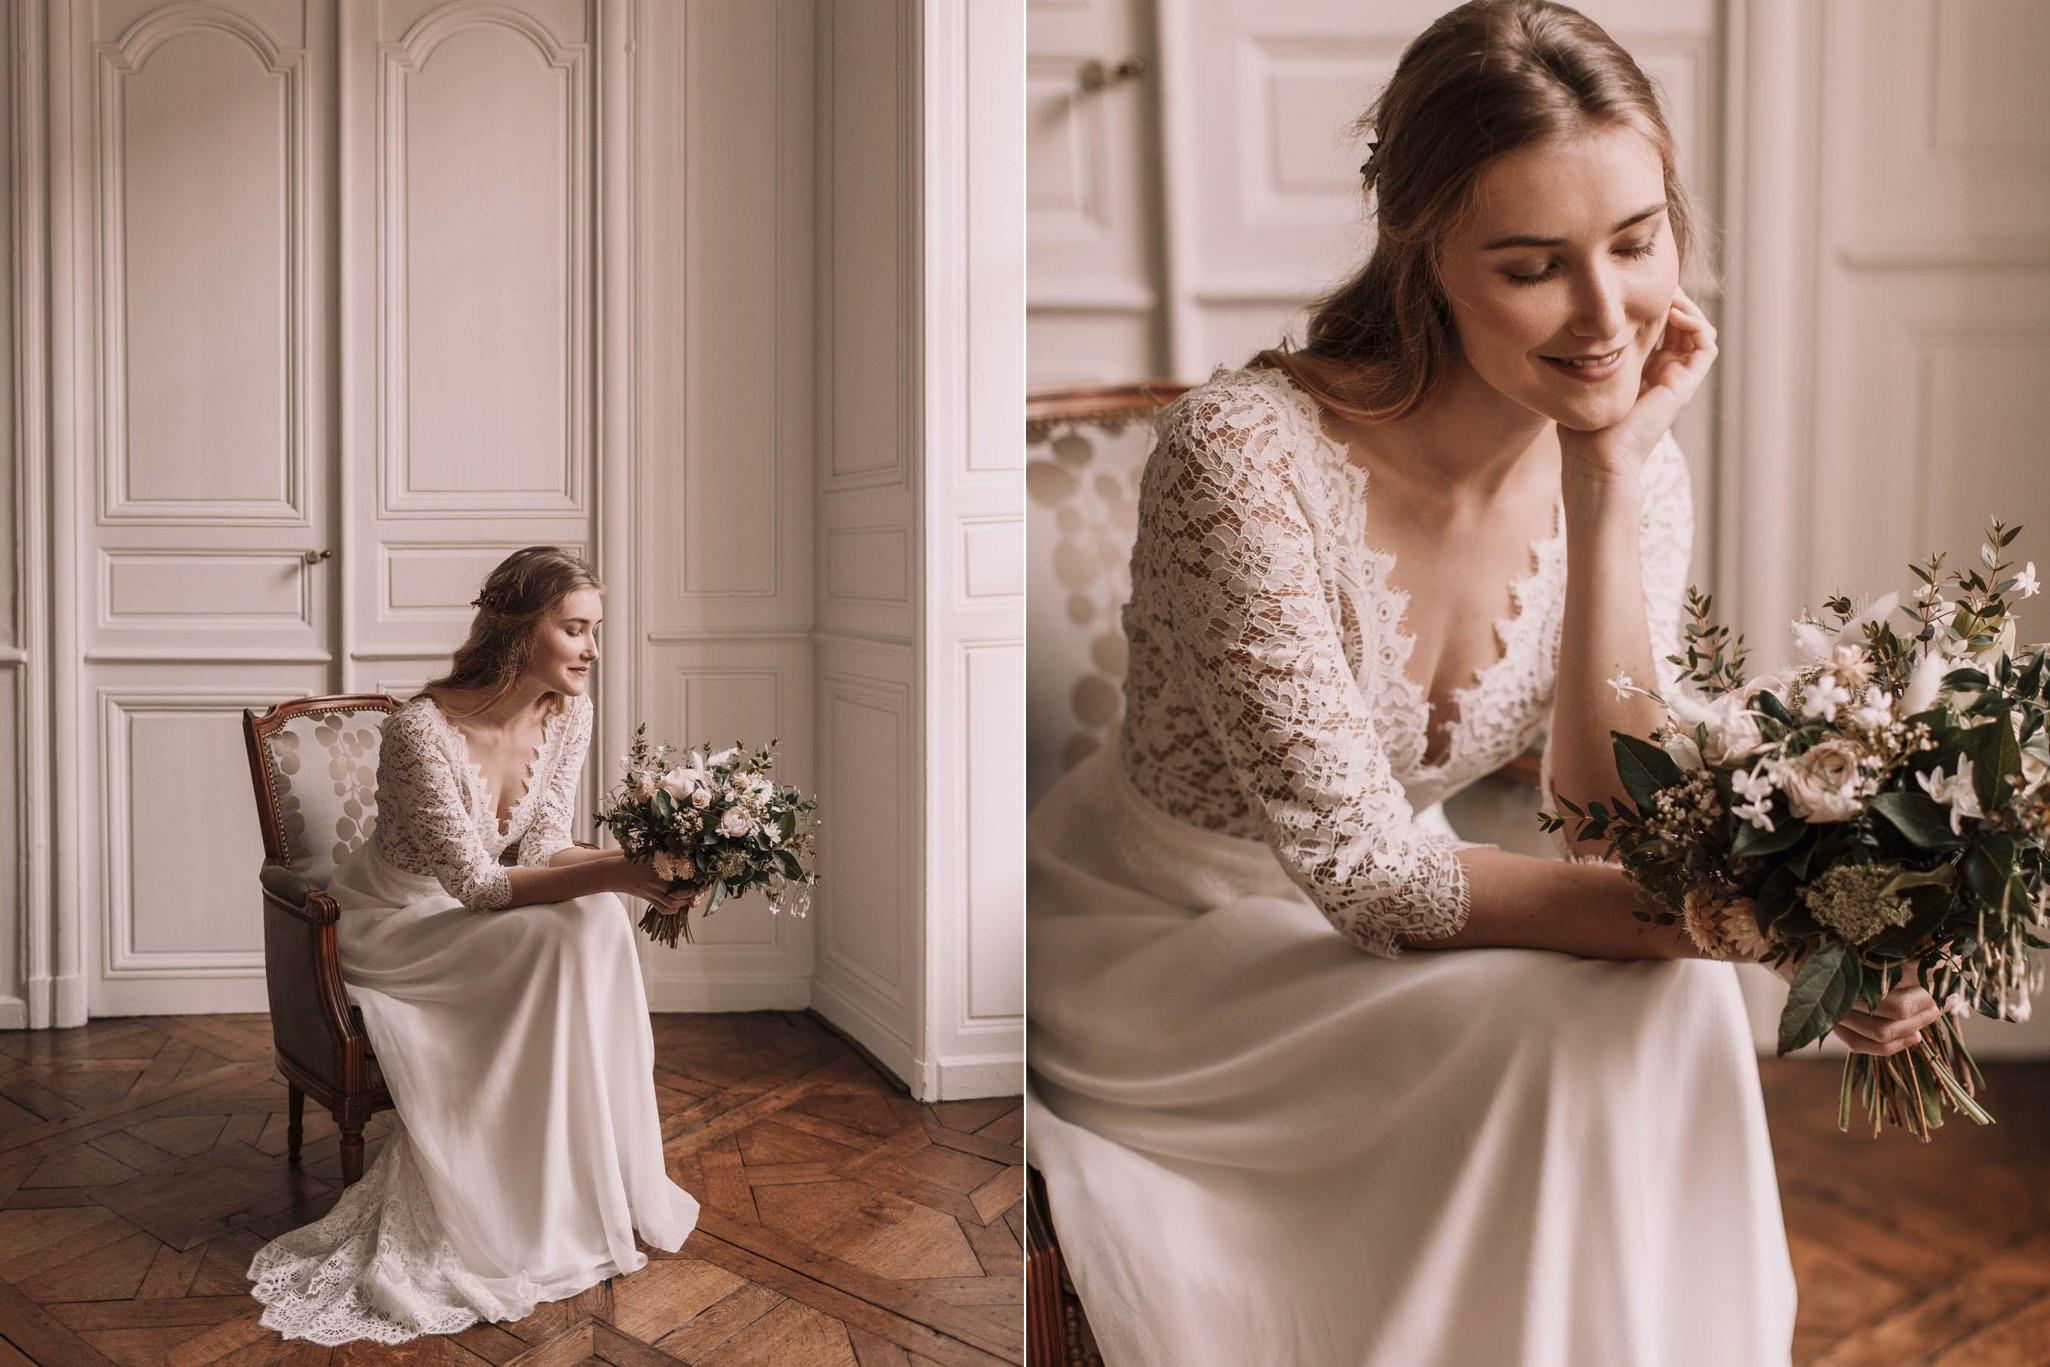 photographe-mariage-bordeaux-jeremy-boyer-white-minimal-40.jpg